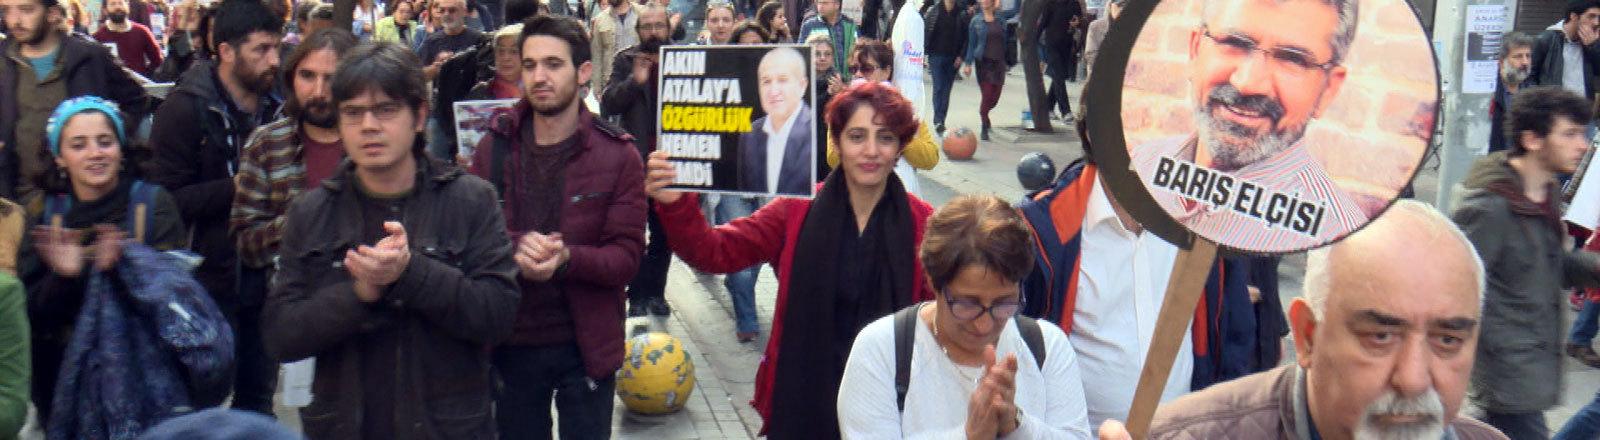 Akademiker protestieren in der Türkei